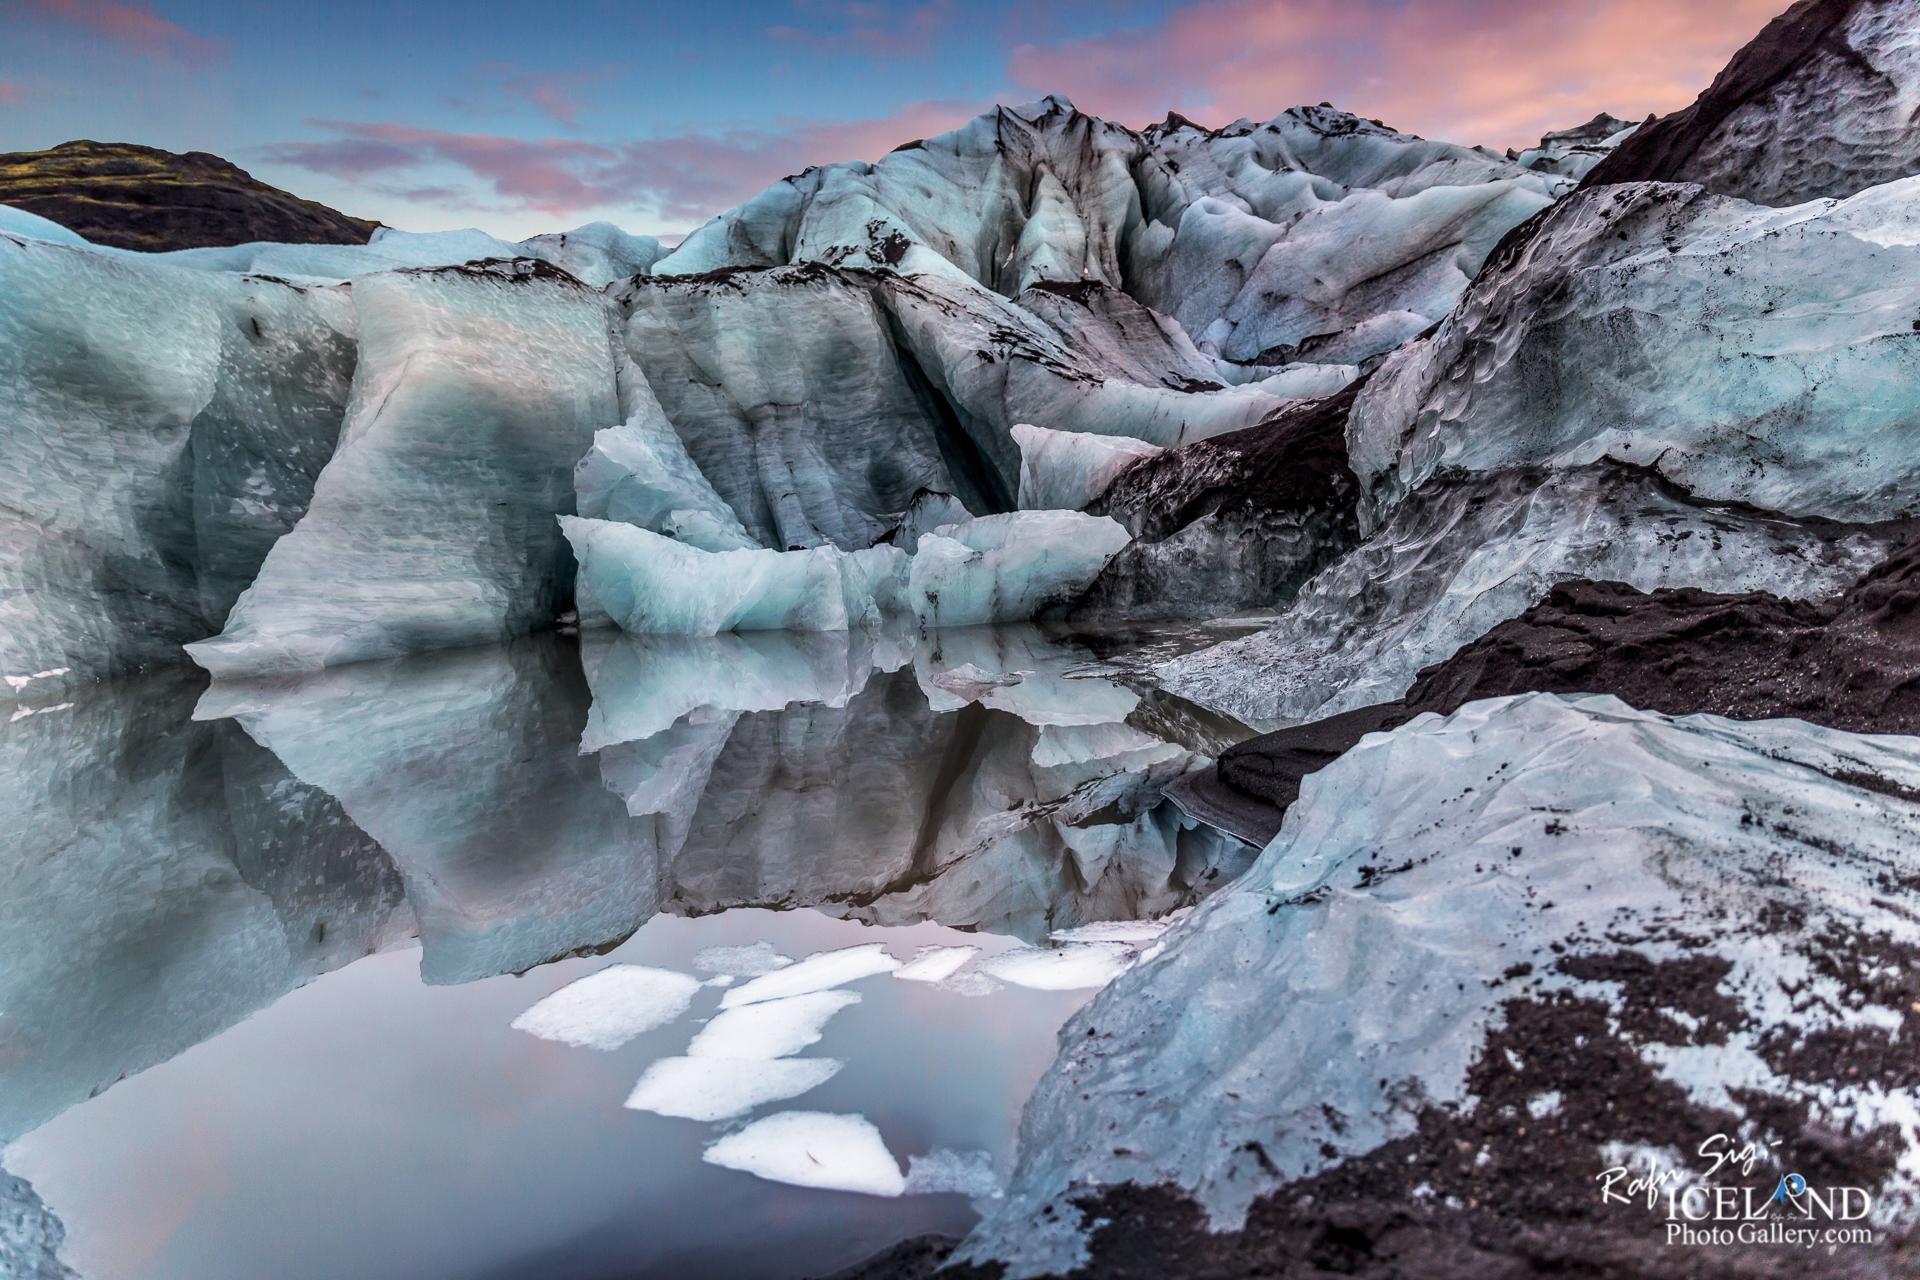 Sóheimajökull Glacier - South │ Iceland Landscape Photograp